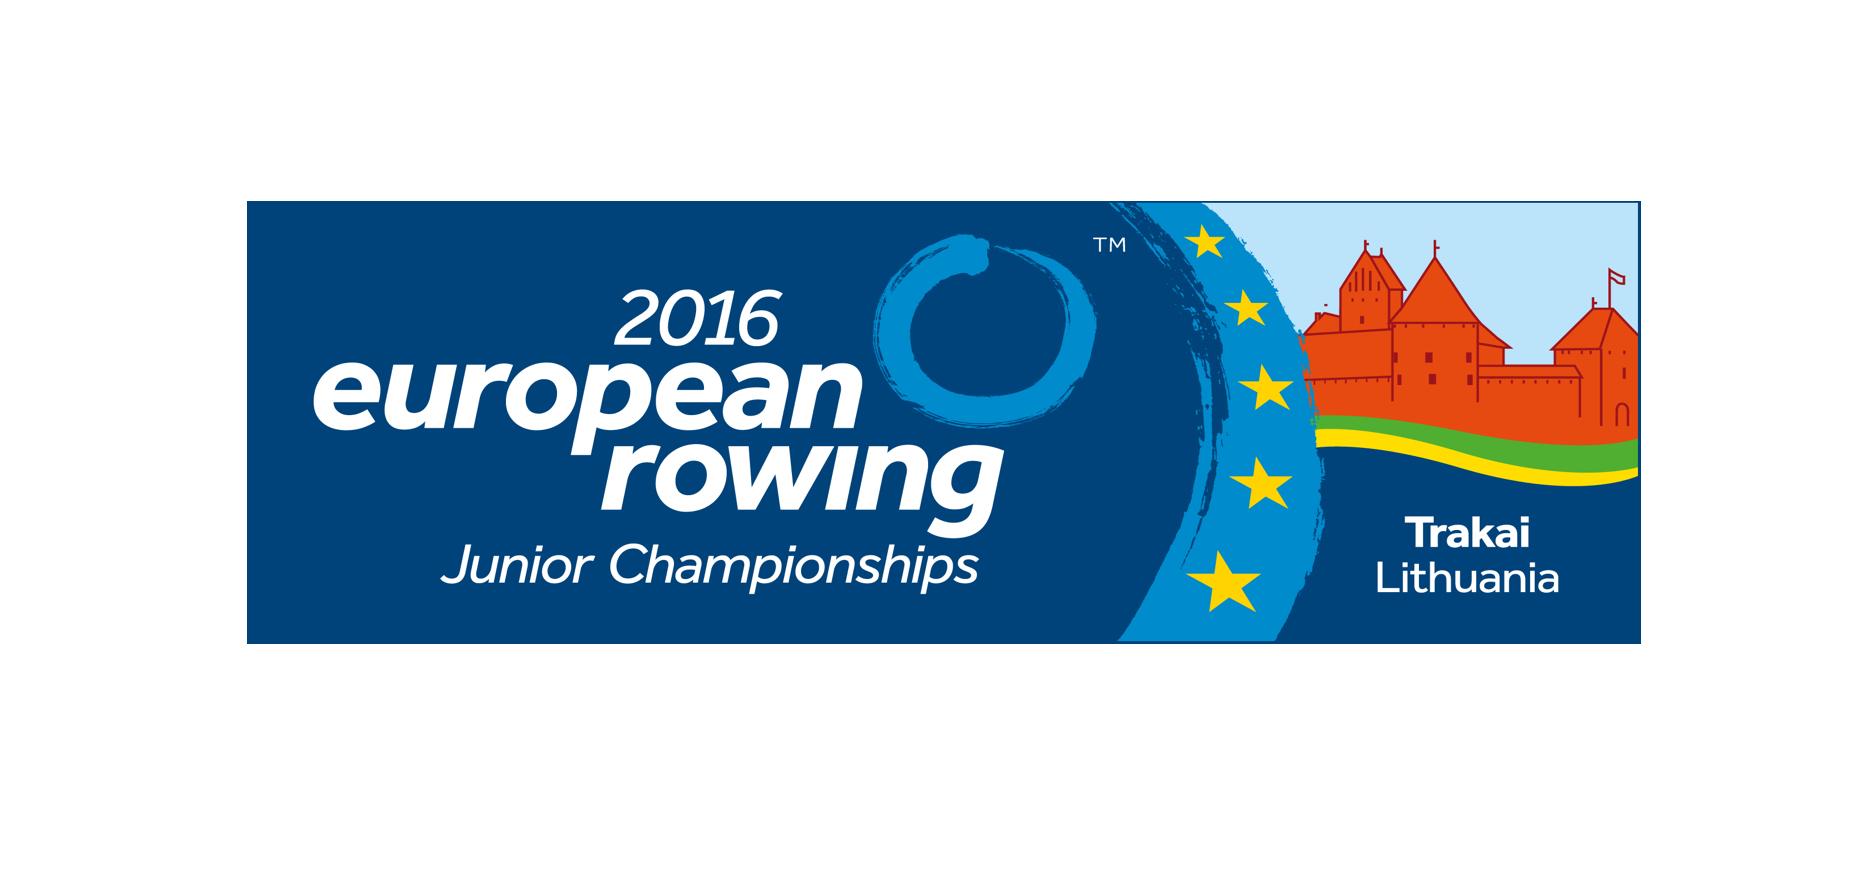 Prisidėjome organizuojant 2016 Europos jaunių irklavimo čempionatą Trakuose